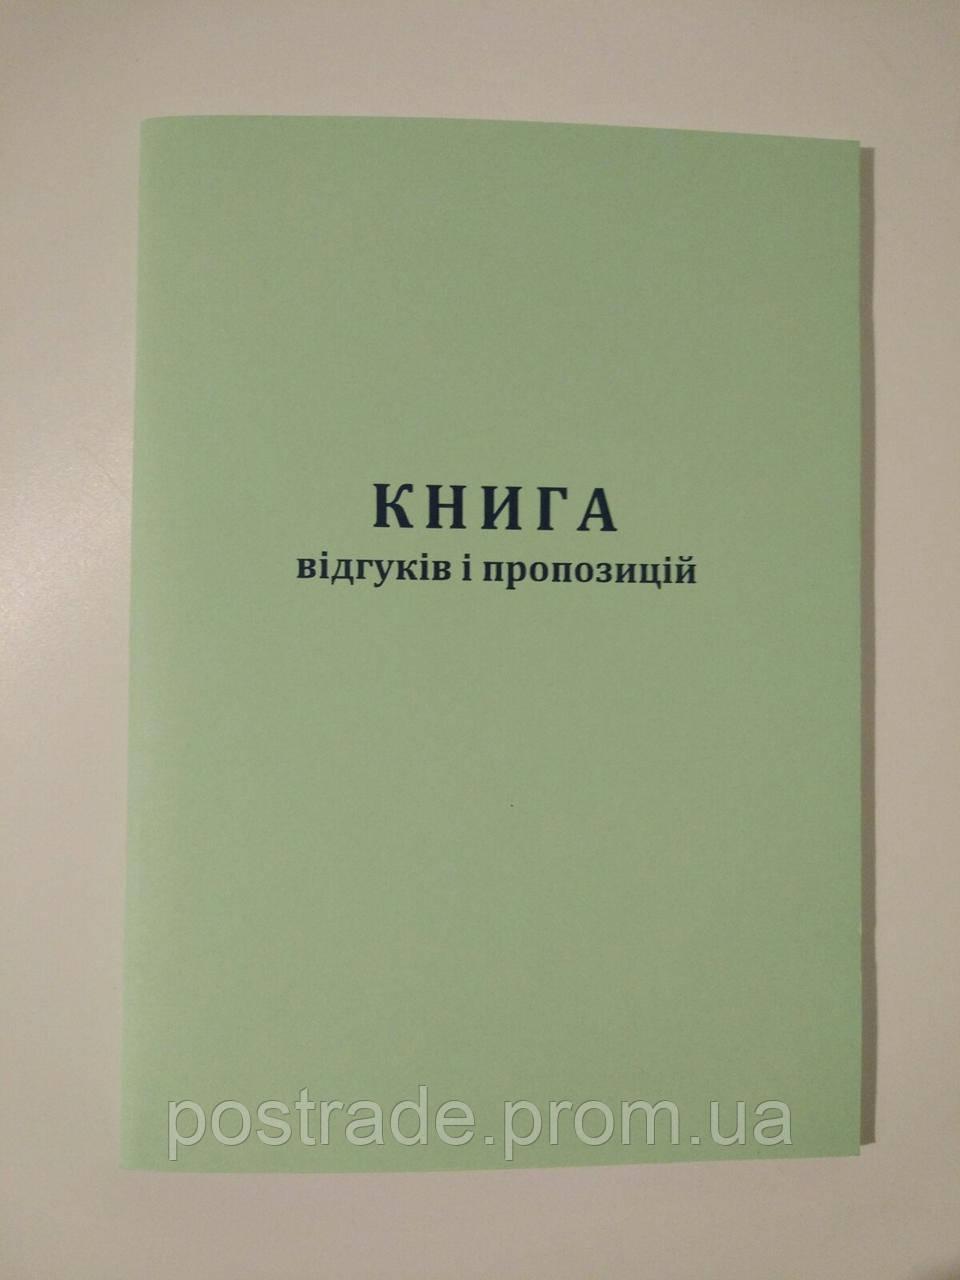 Книга відгуків і пропозицій (Книга отзывов и предложений) А5